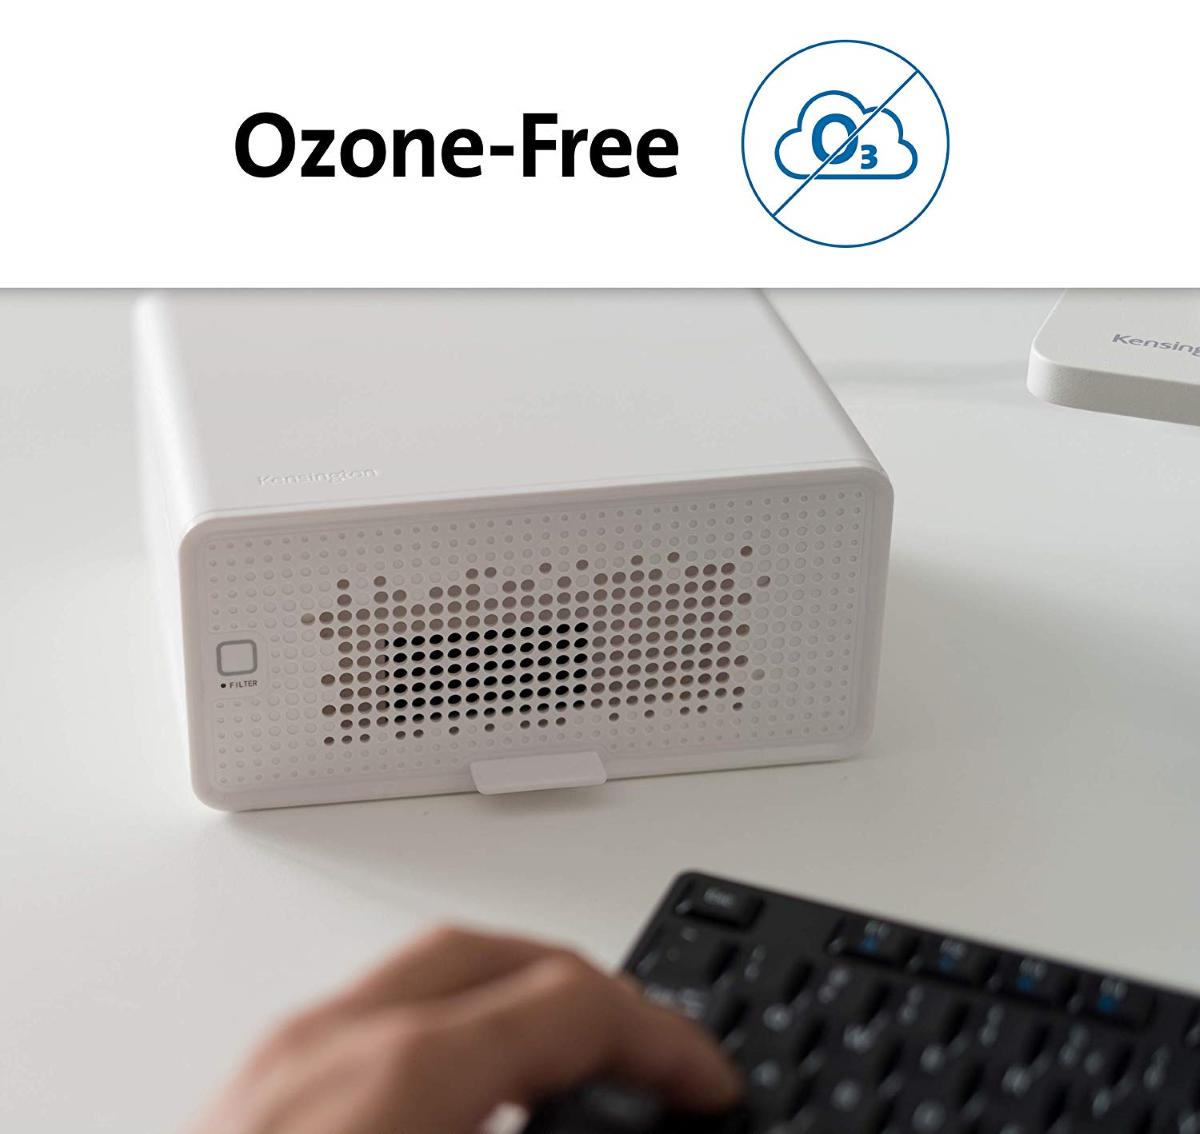 FreshView Air Purifier - Ozone-Free Air Purifier